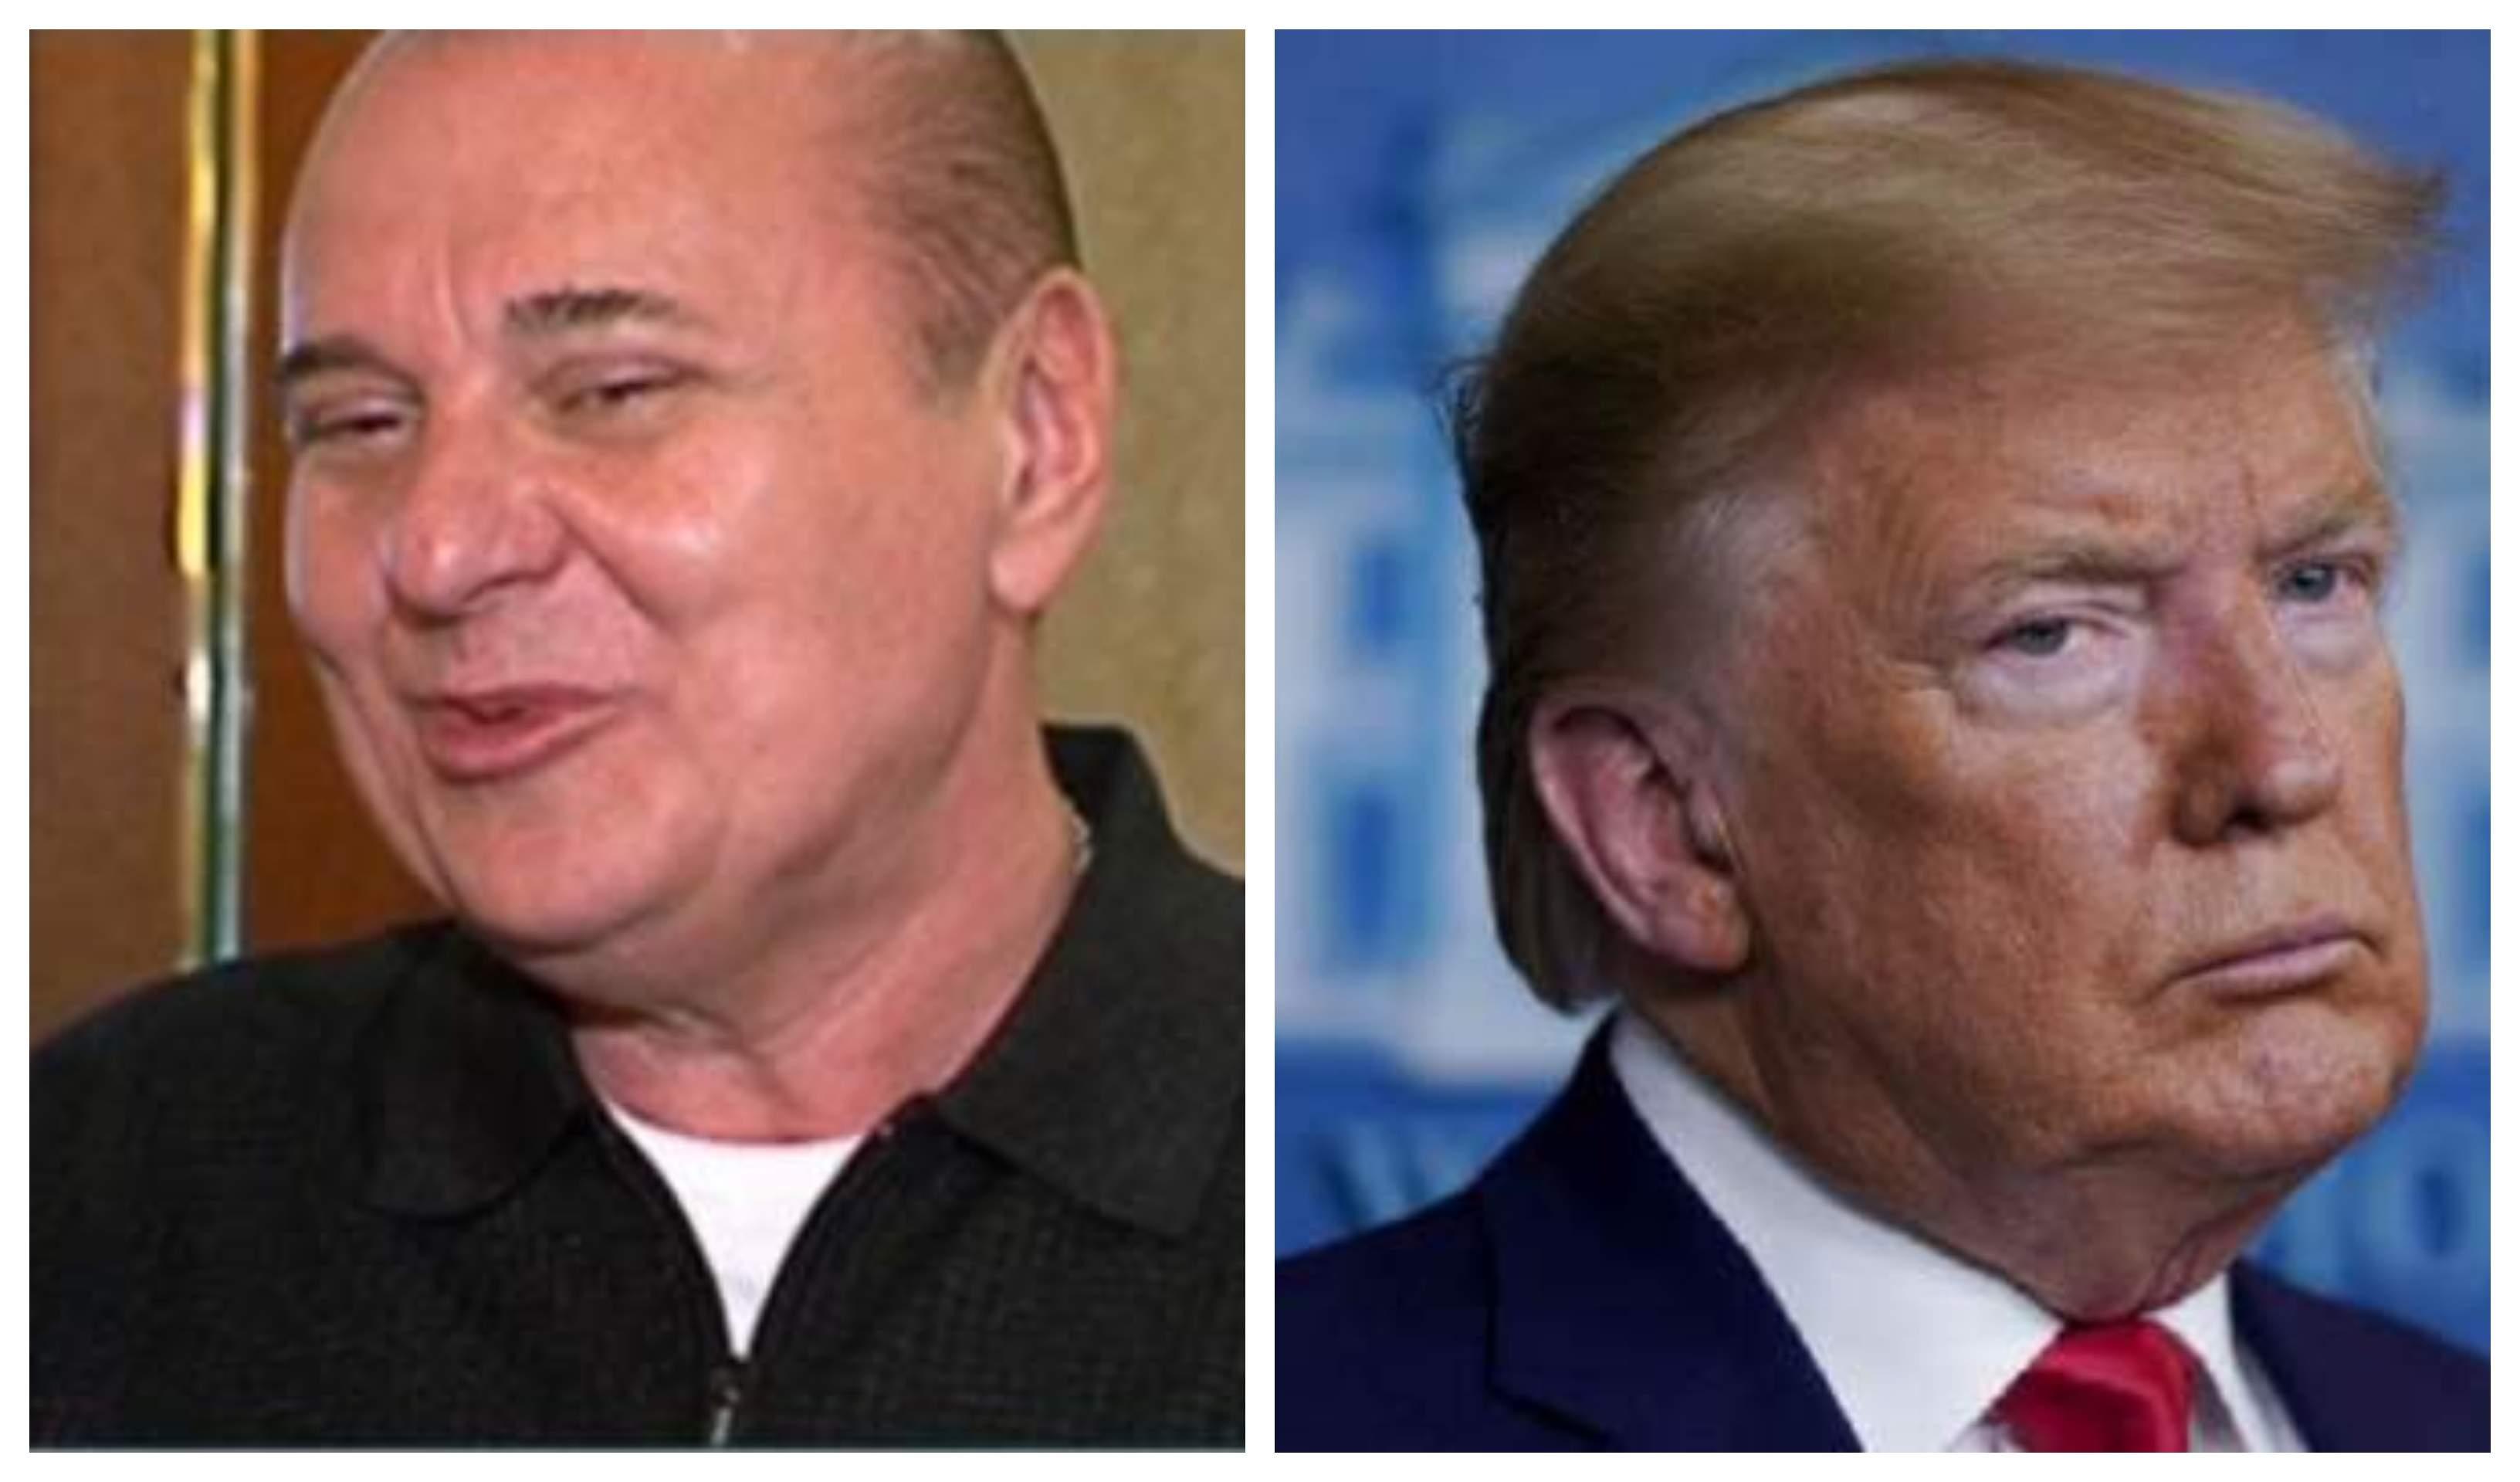 Nick Radoi ofera un interviu pentru Antena Stars, Donald Trump este la o conferinta, este incruntat